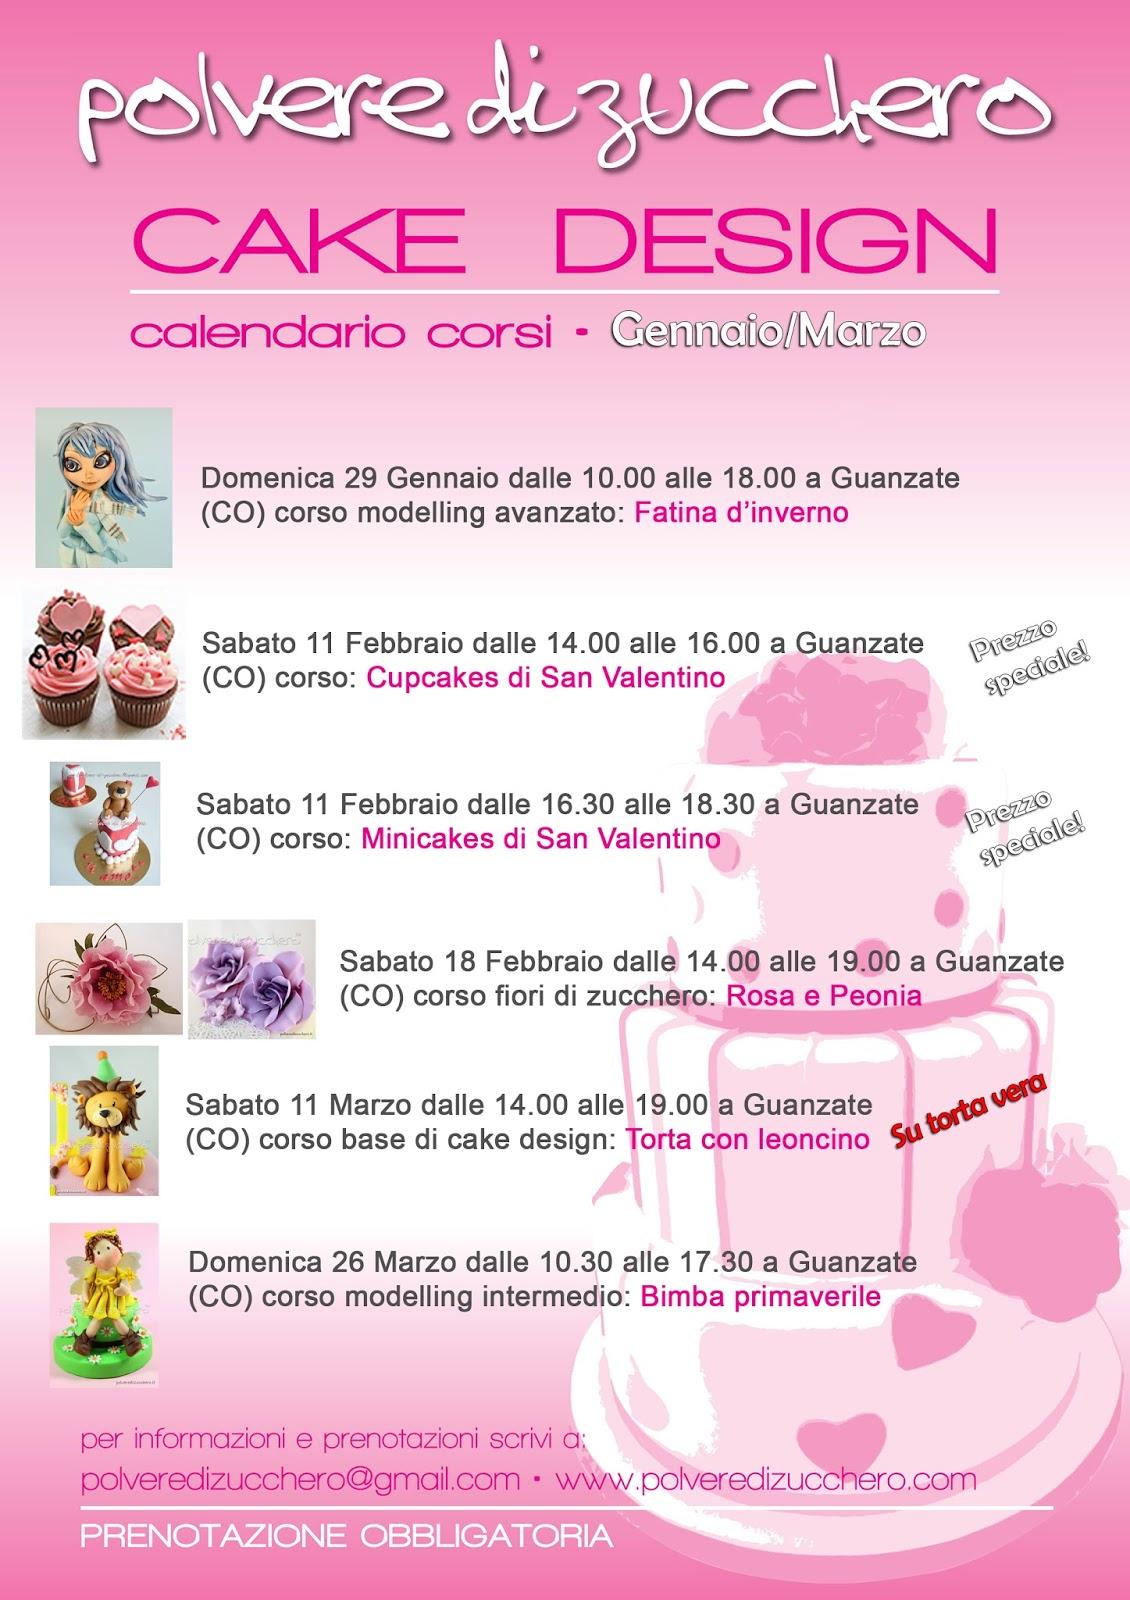 corsi cake design corso sugar art polvere di zucchero corsi pasta di zucchero modelling torta vera bakery pasticceria fiori di zucchero